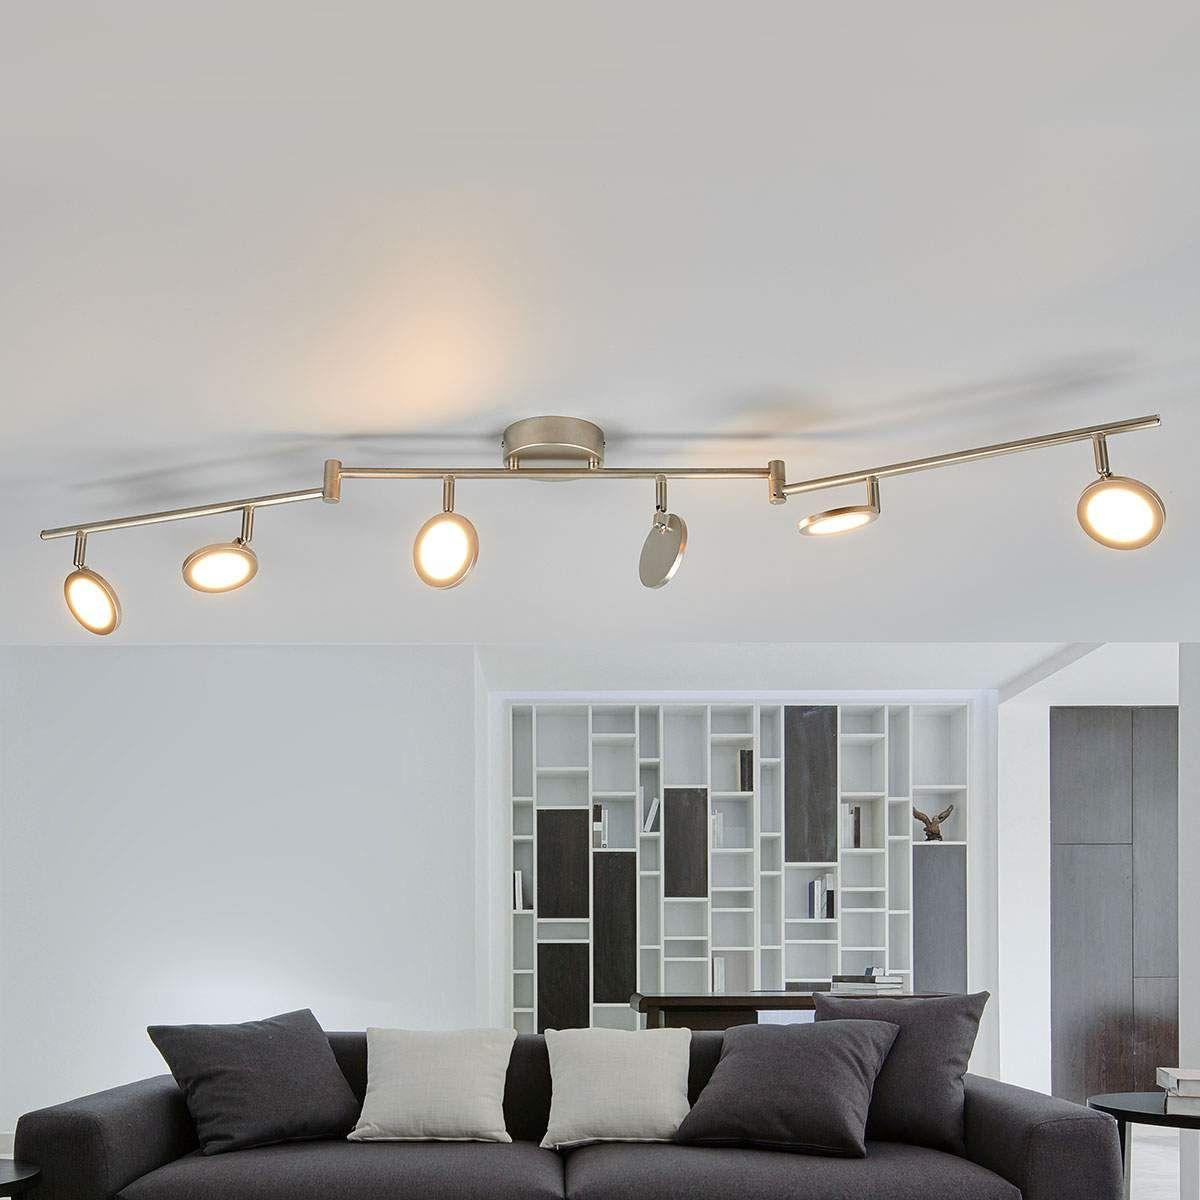 6-flammige LED-Deckenleuchte Helina Jetzt bestellen unter: https